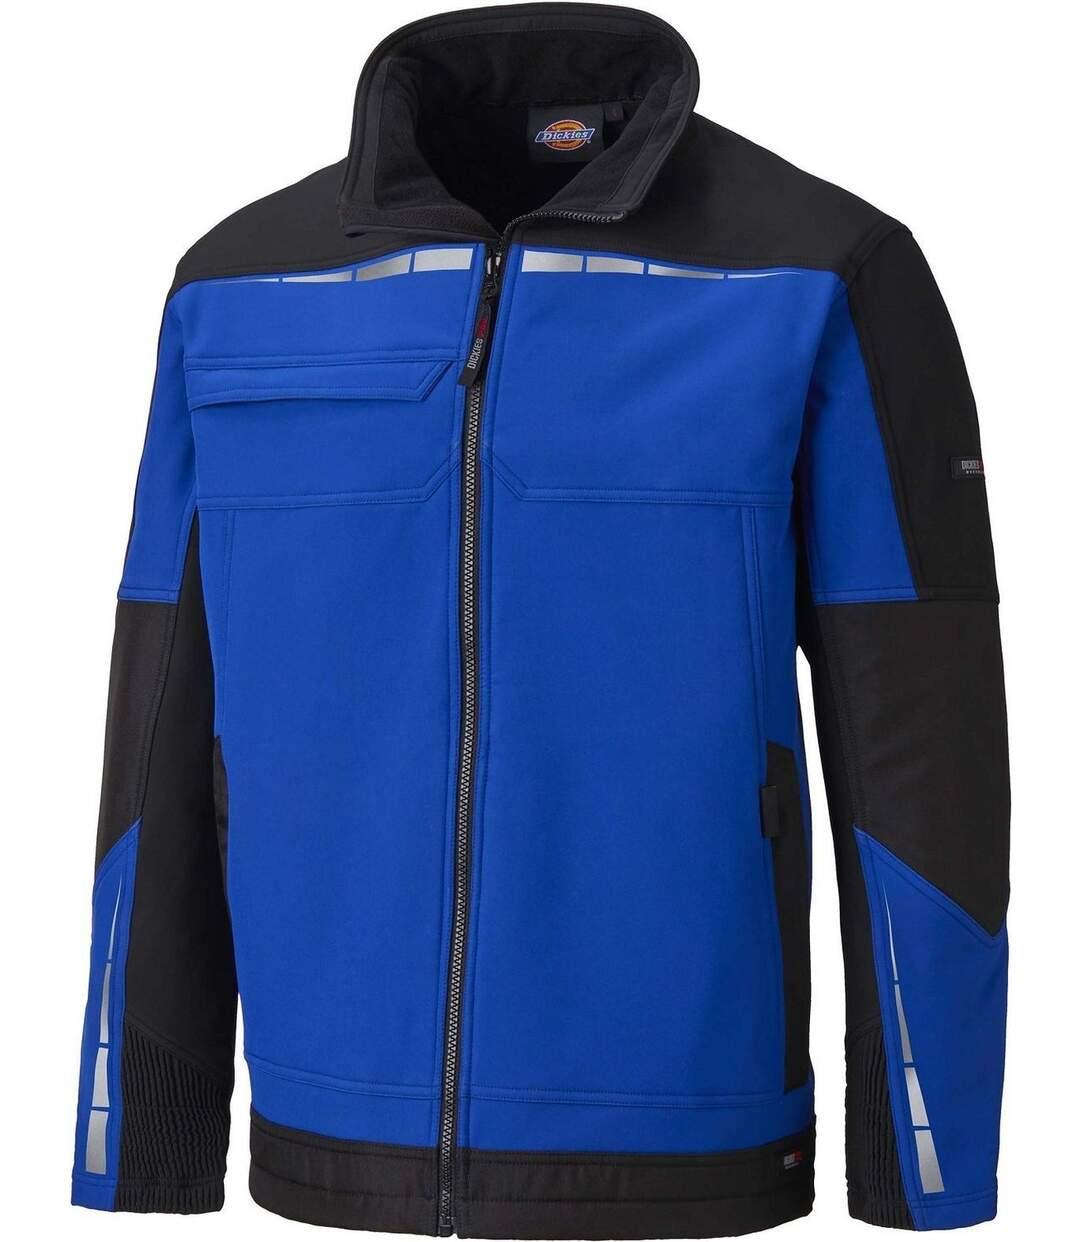 Veste softshell de travail - DDP1001 - bleu roi et noir